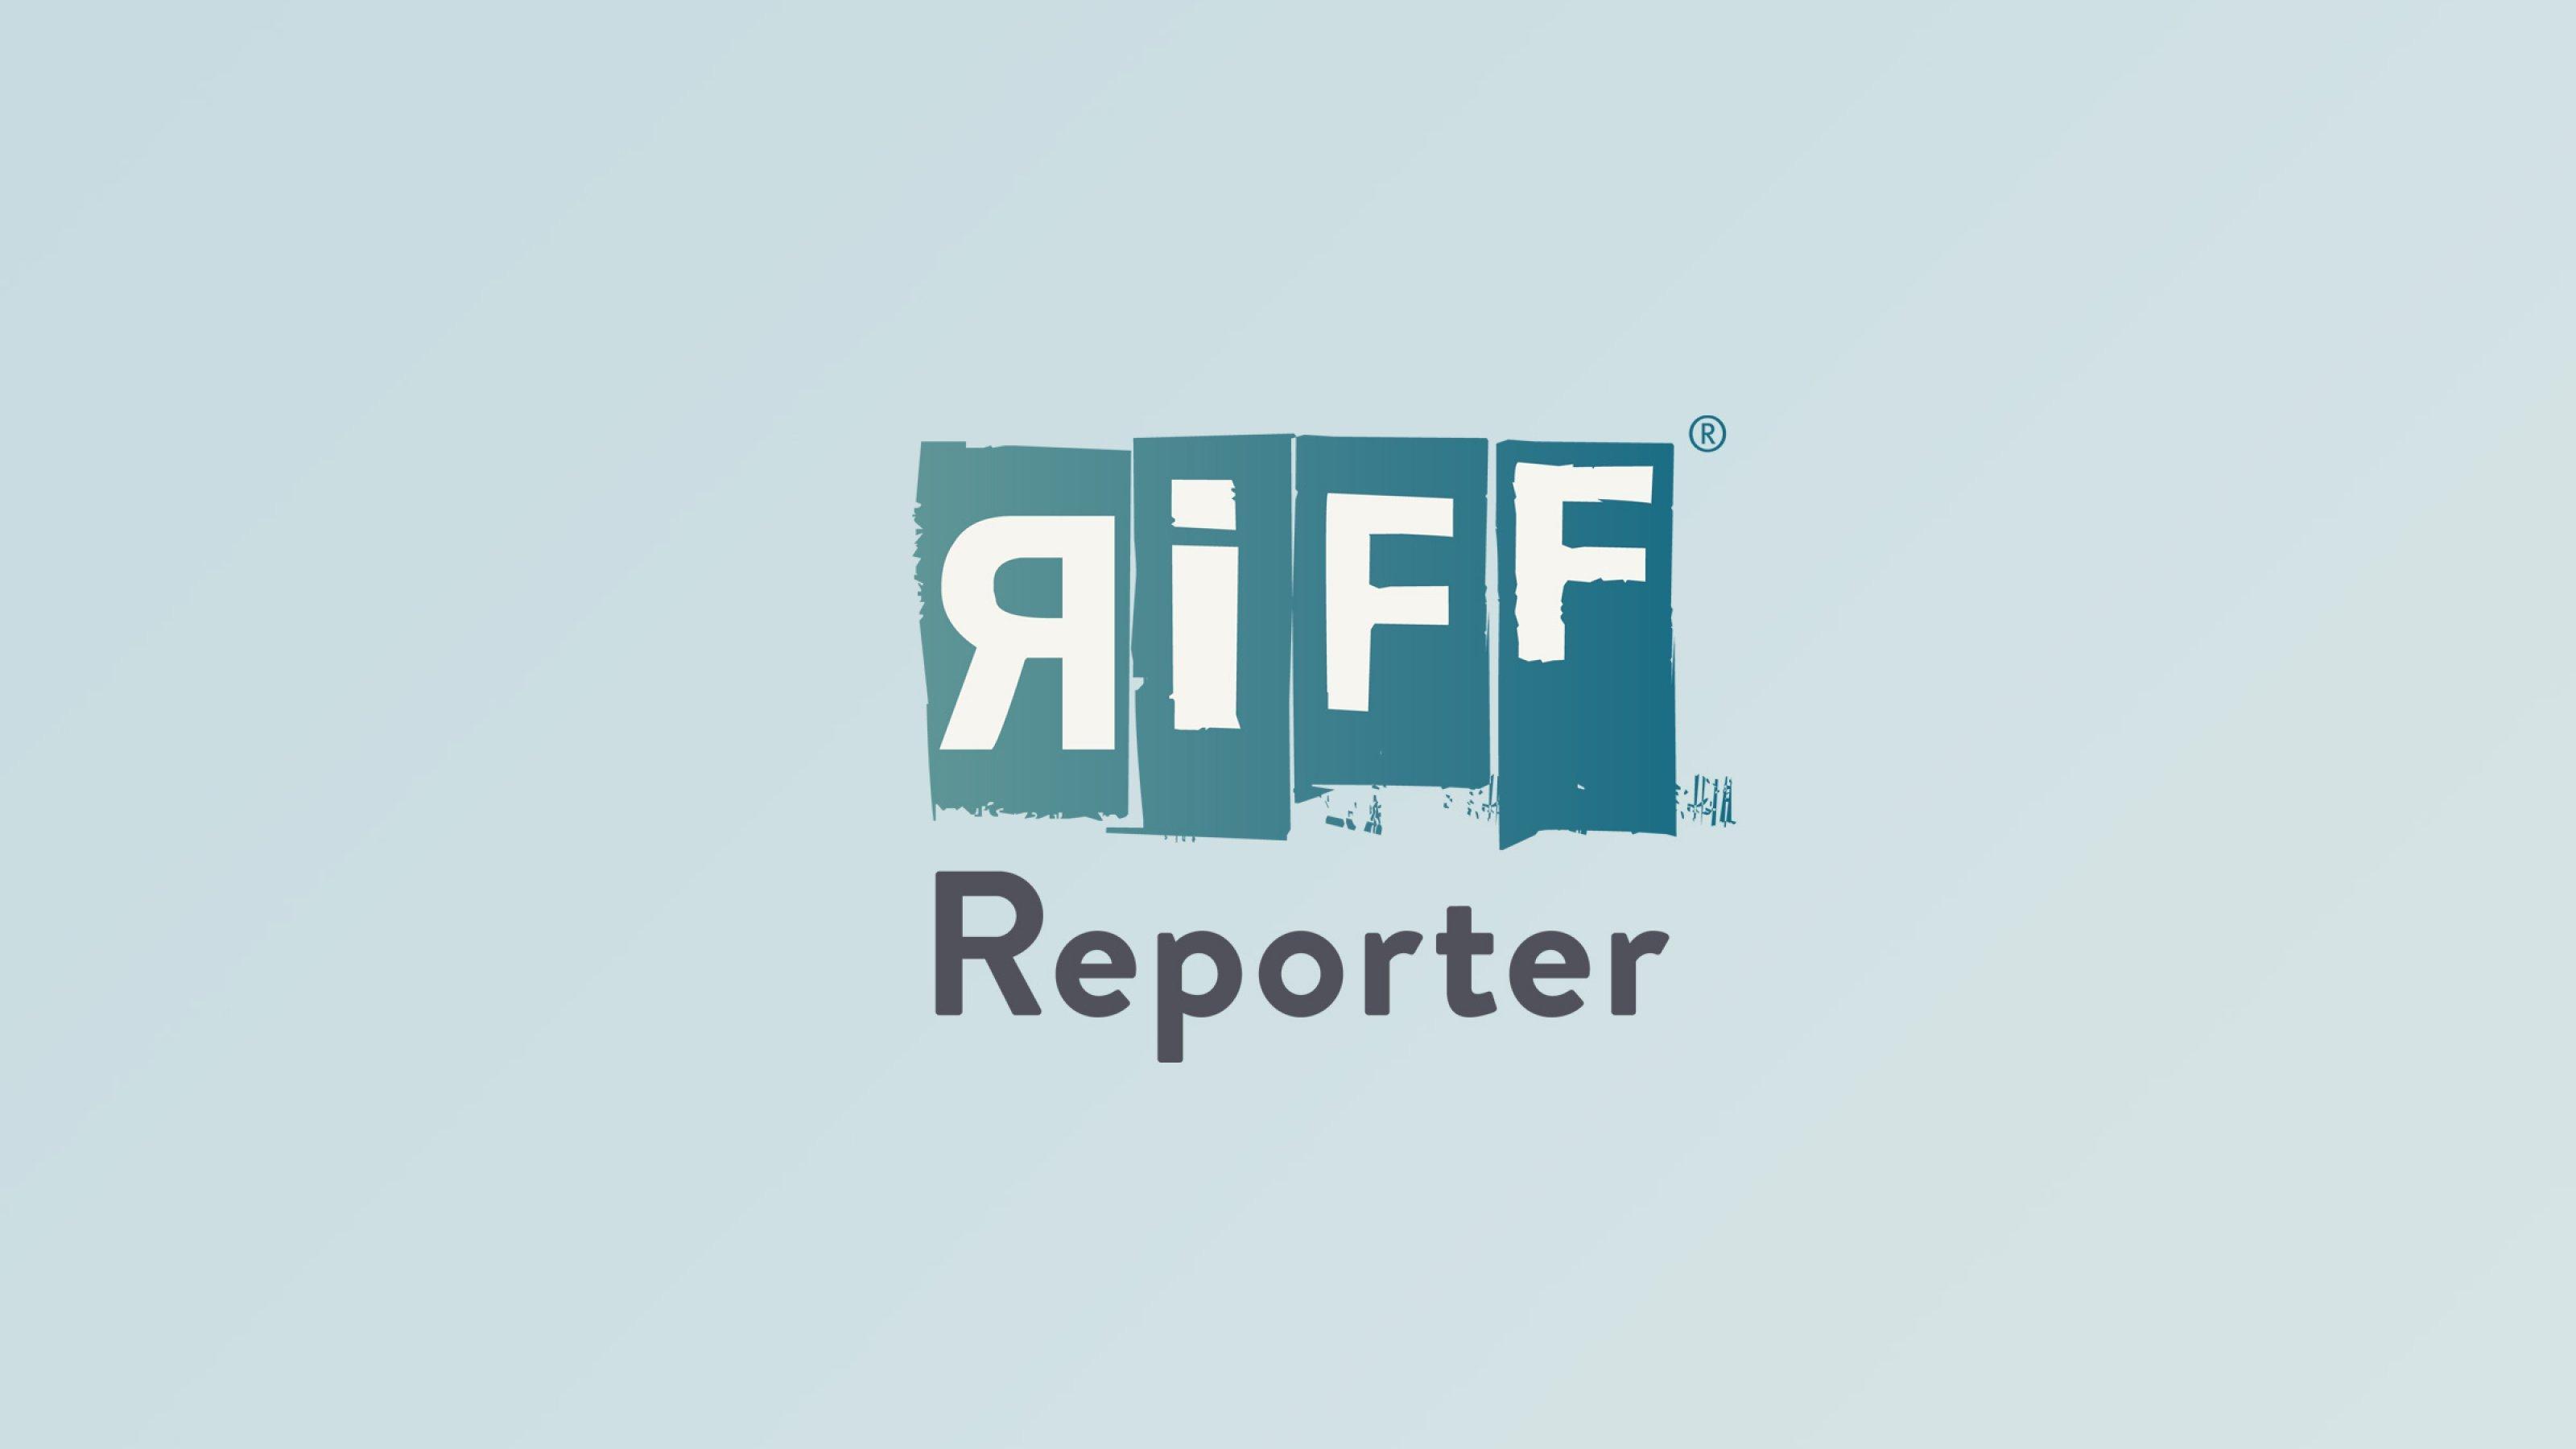 Ein Araukarien-Wald im Süden Chiles